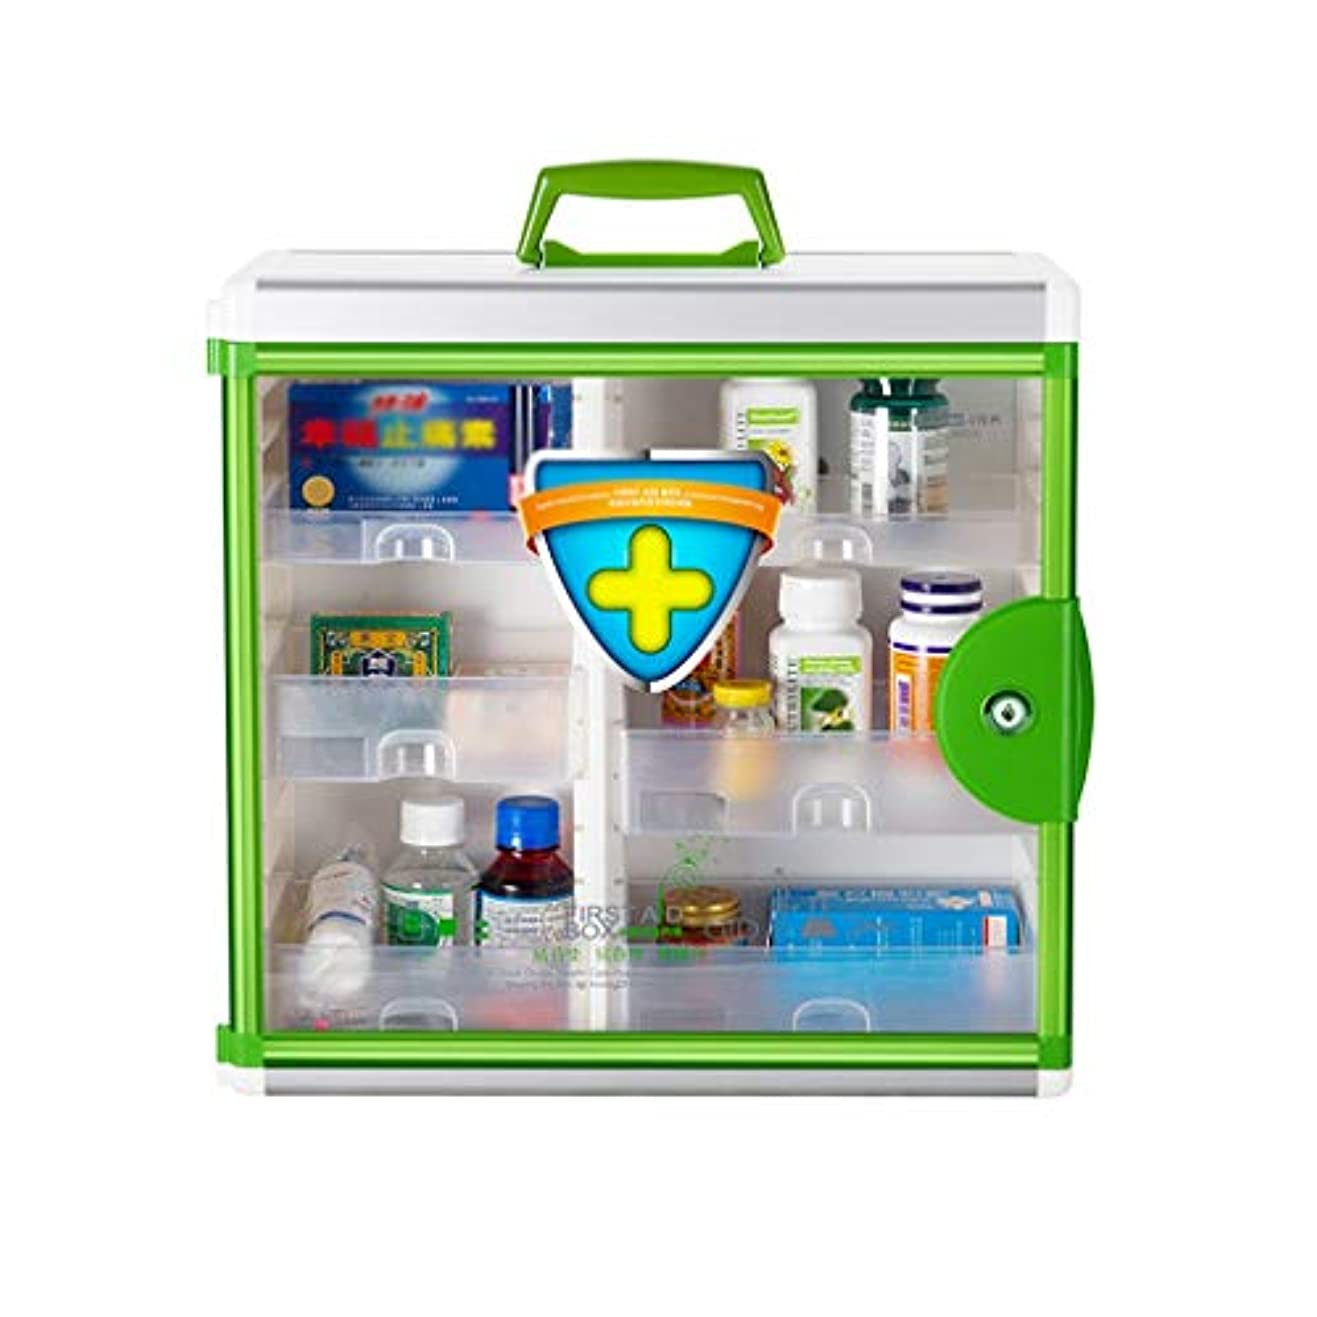 不名誉マナー省略Xuping shop 保証ガラスドア、壁の台紙アルミニウム医学のキャビネットの食器棚のロッカーと医学ロックできる応急処置